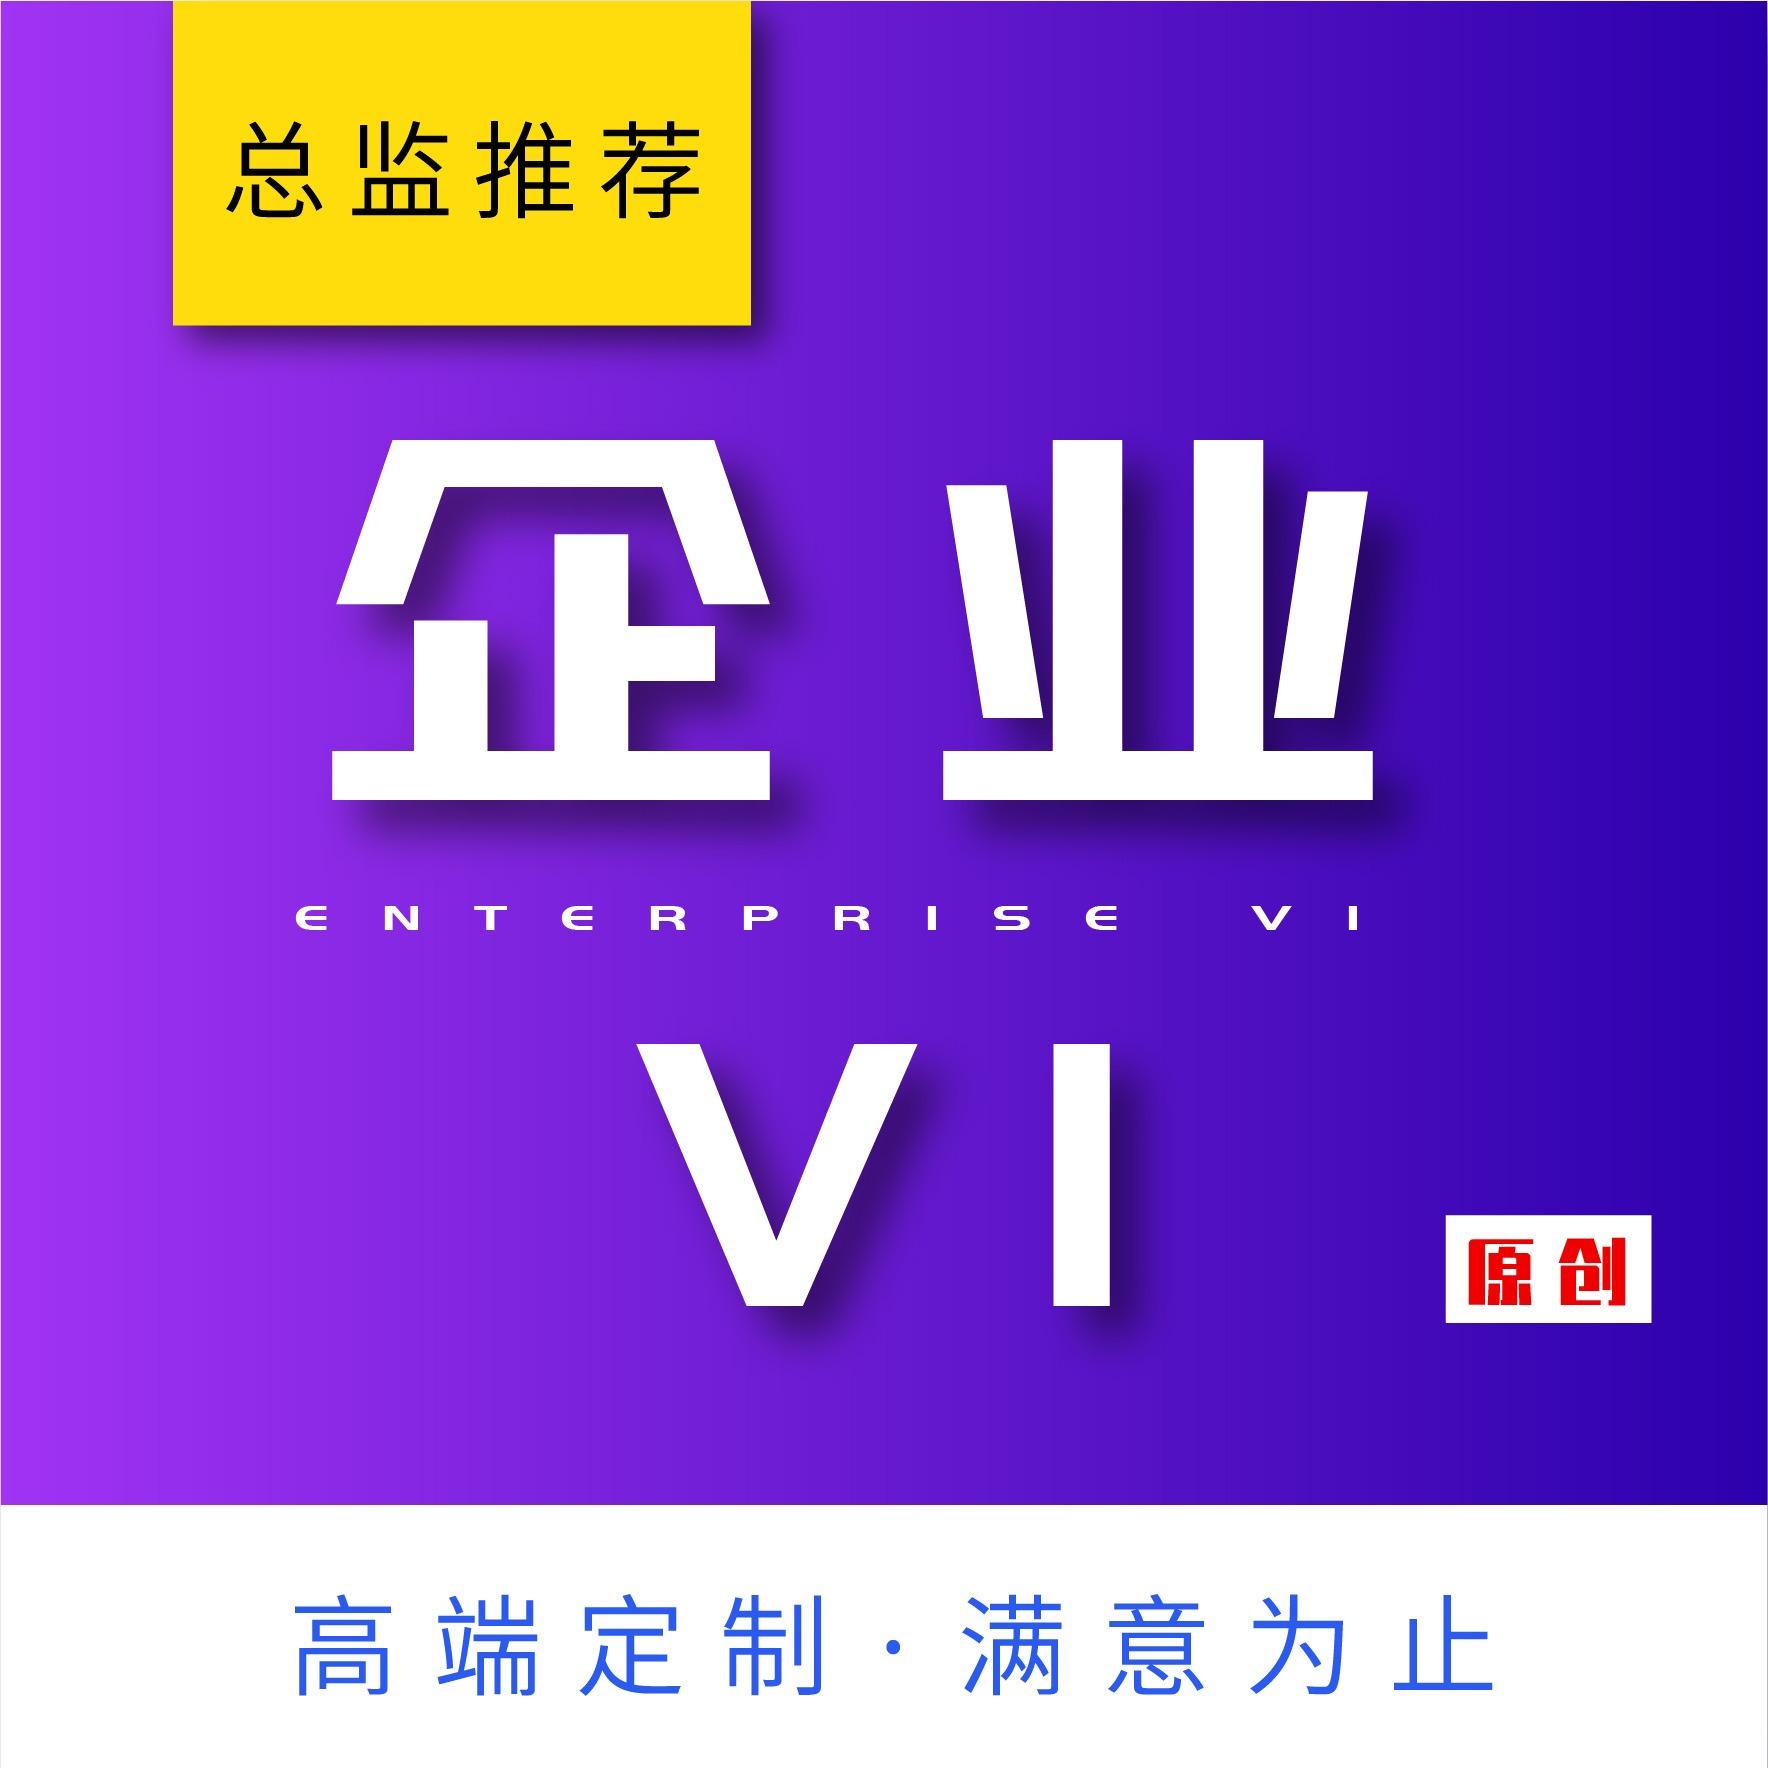 茶叶奶茶店 vi 手册品牌与策划公司企业标志商标 vi设计 艺术字